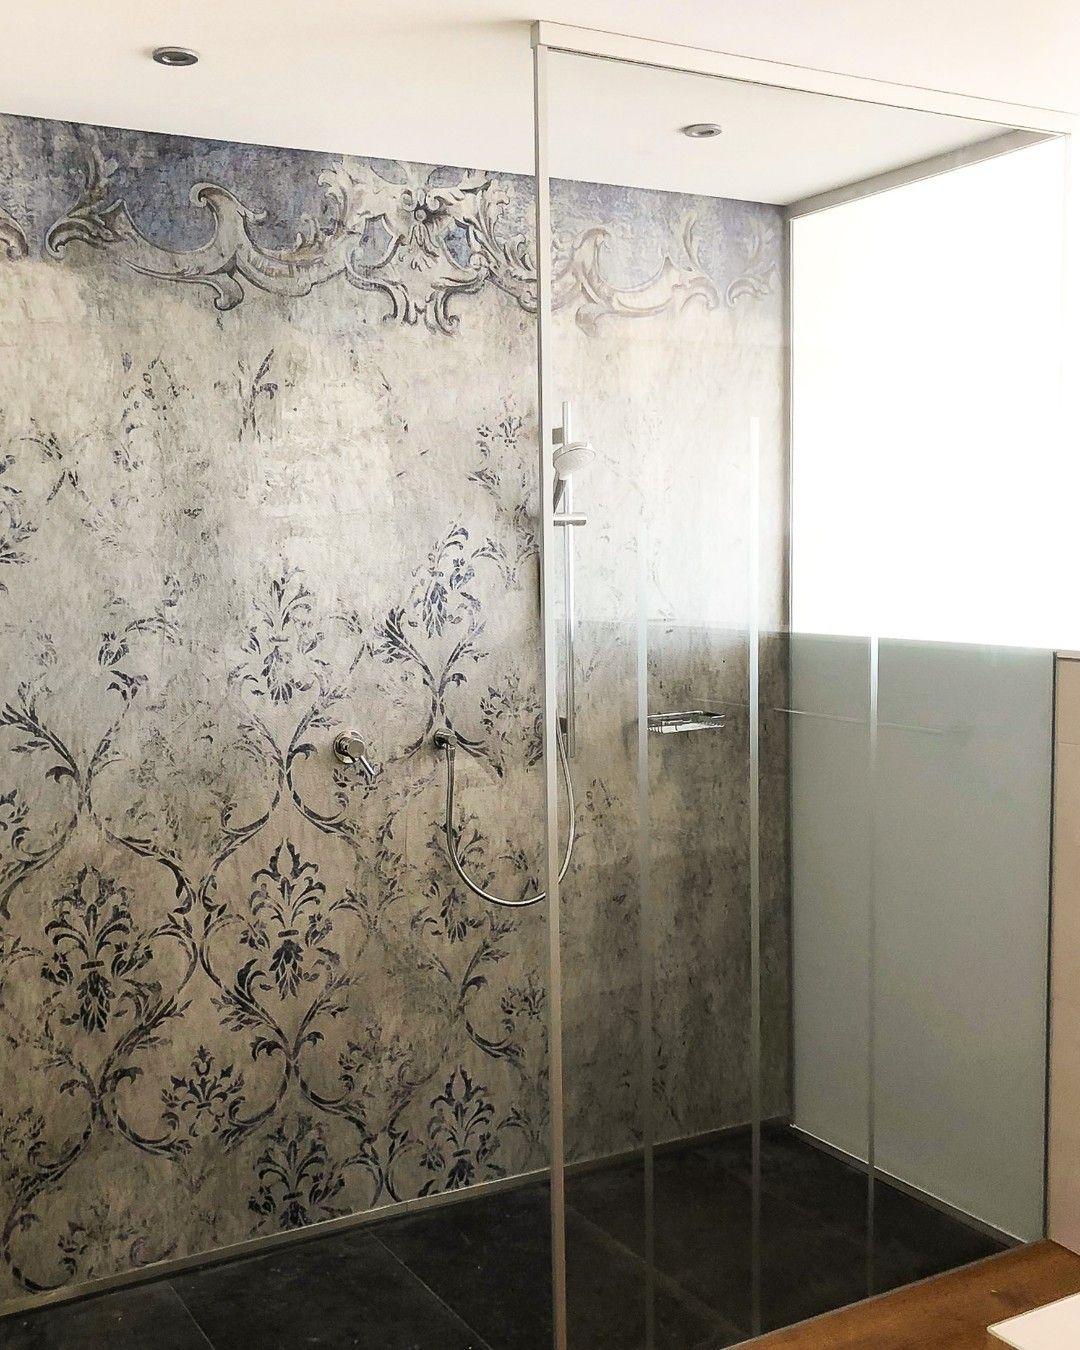 Moderne Walk In Dusche Mit Satinierten Mit Siebdruck Bedruckten Und Geklebten Scheiben Ohne Beschlage Interesse In 2020 Glasduschen Duschabtrennung Duschkabine Glas